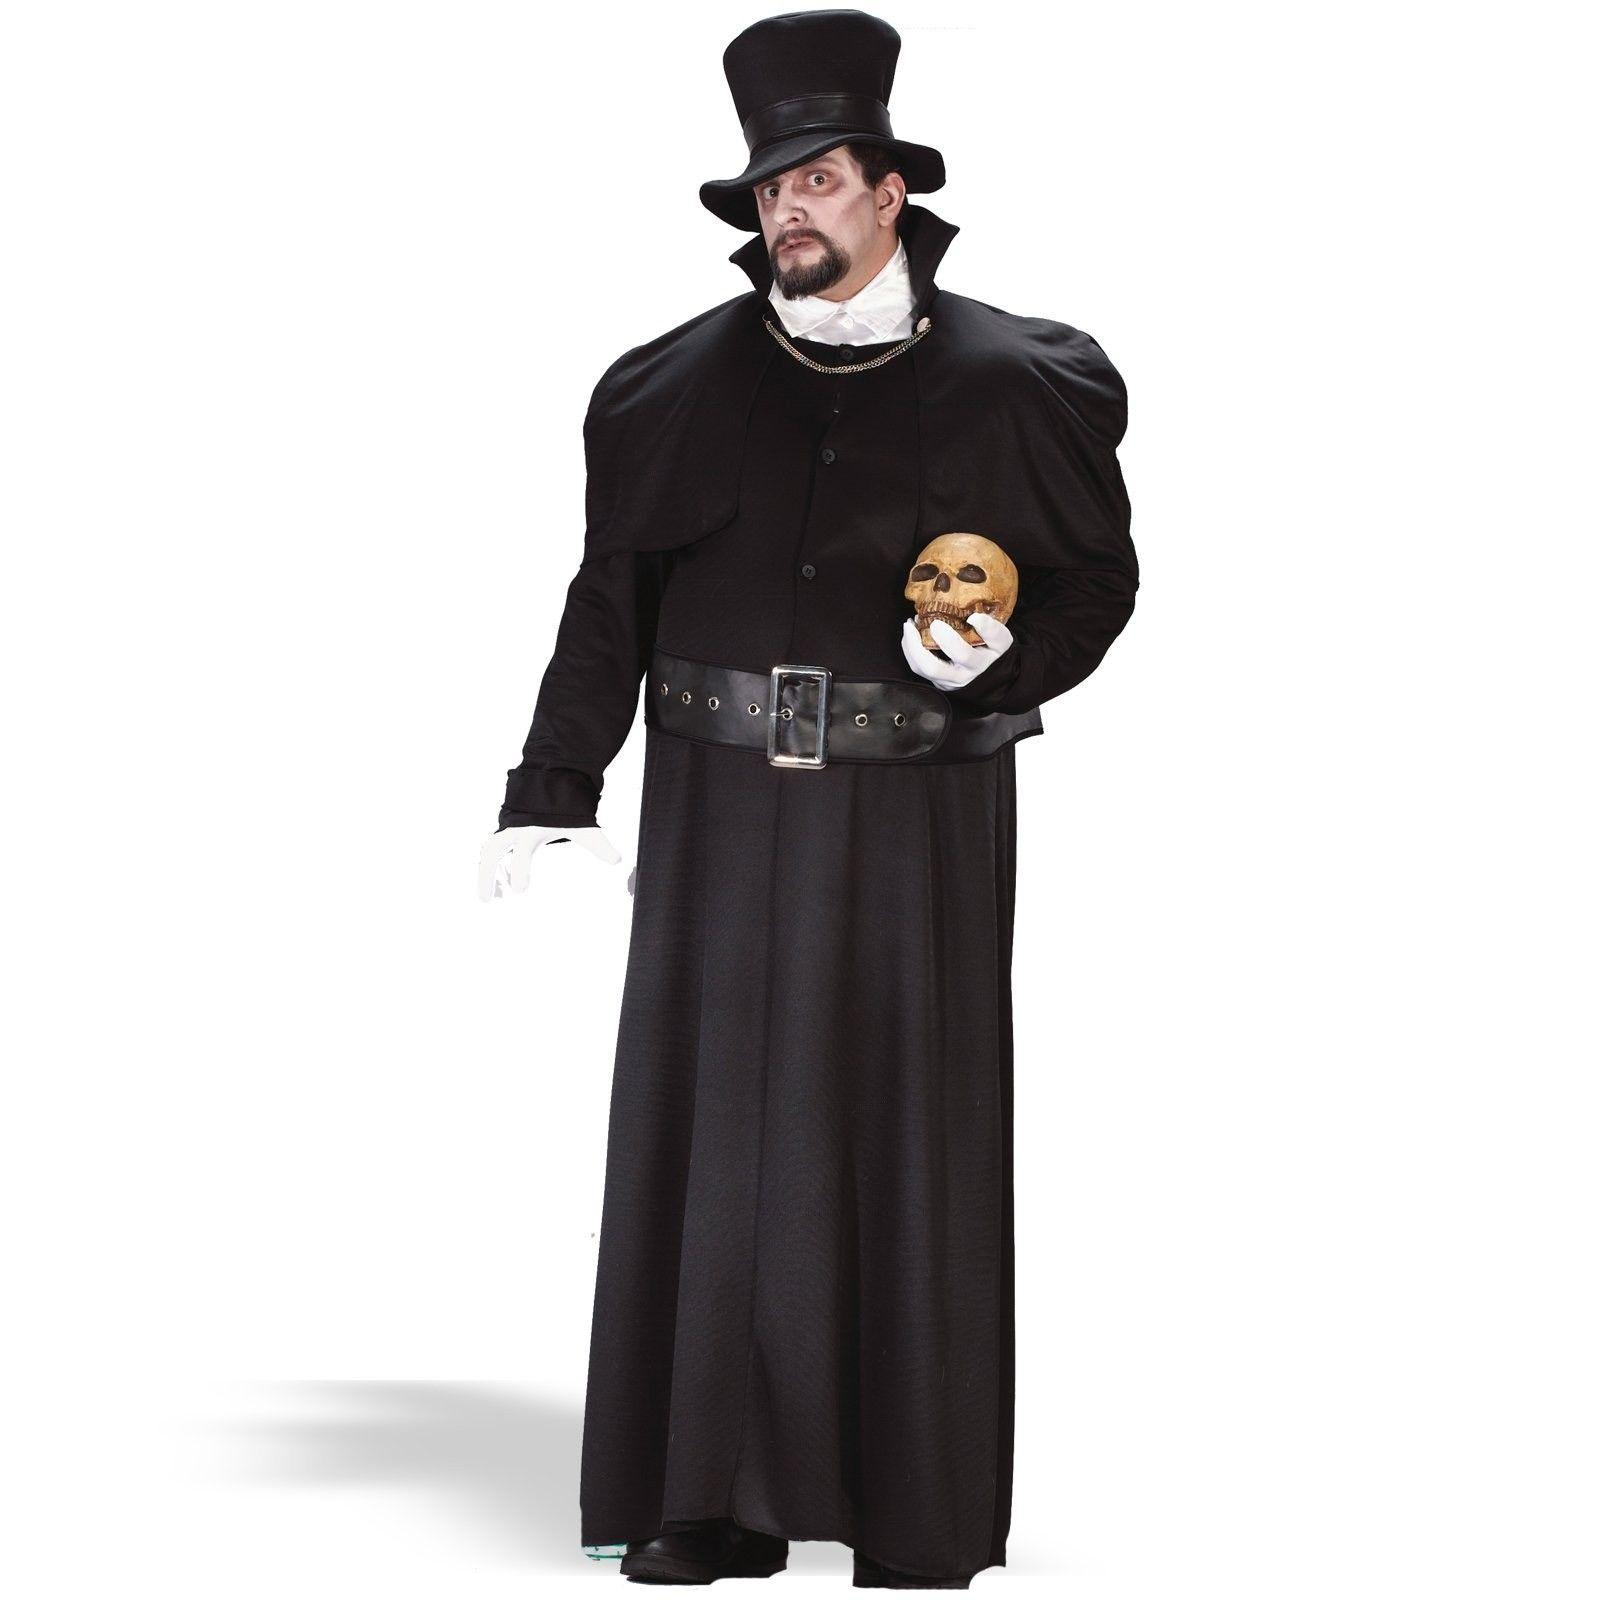 gone with the wind rhett butler costume for men | butler costume